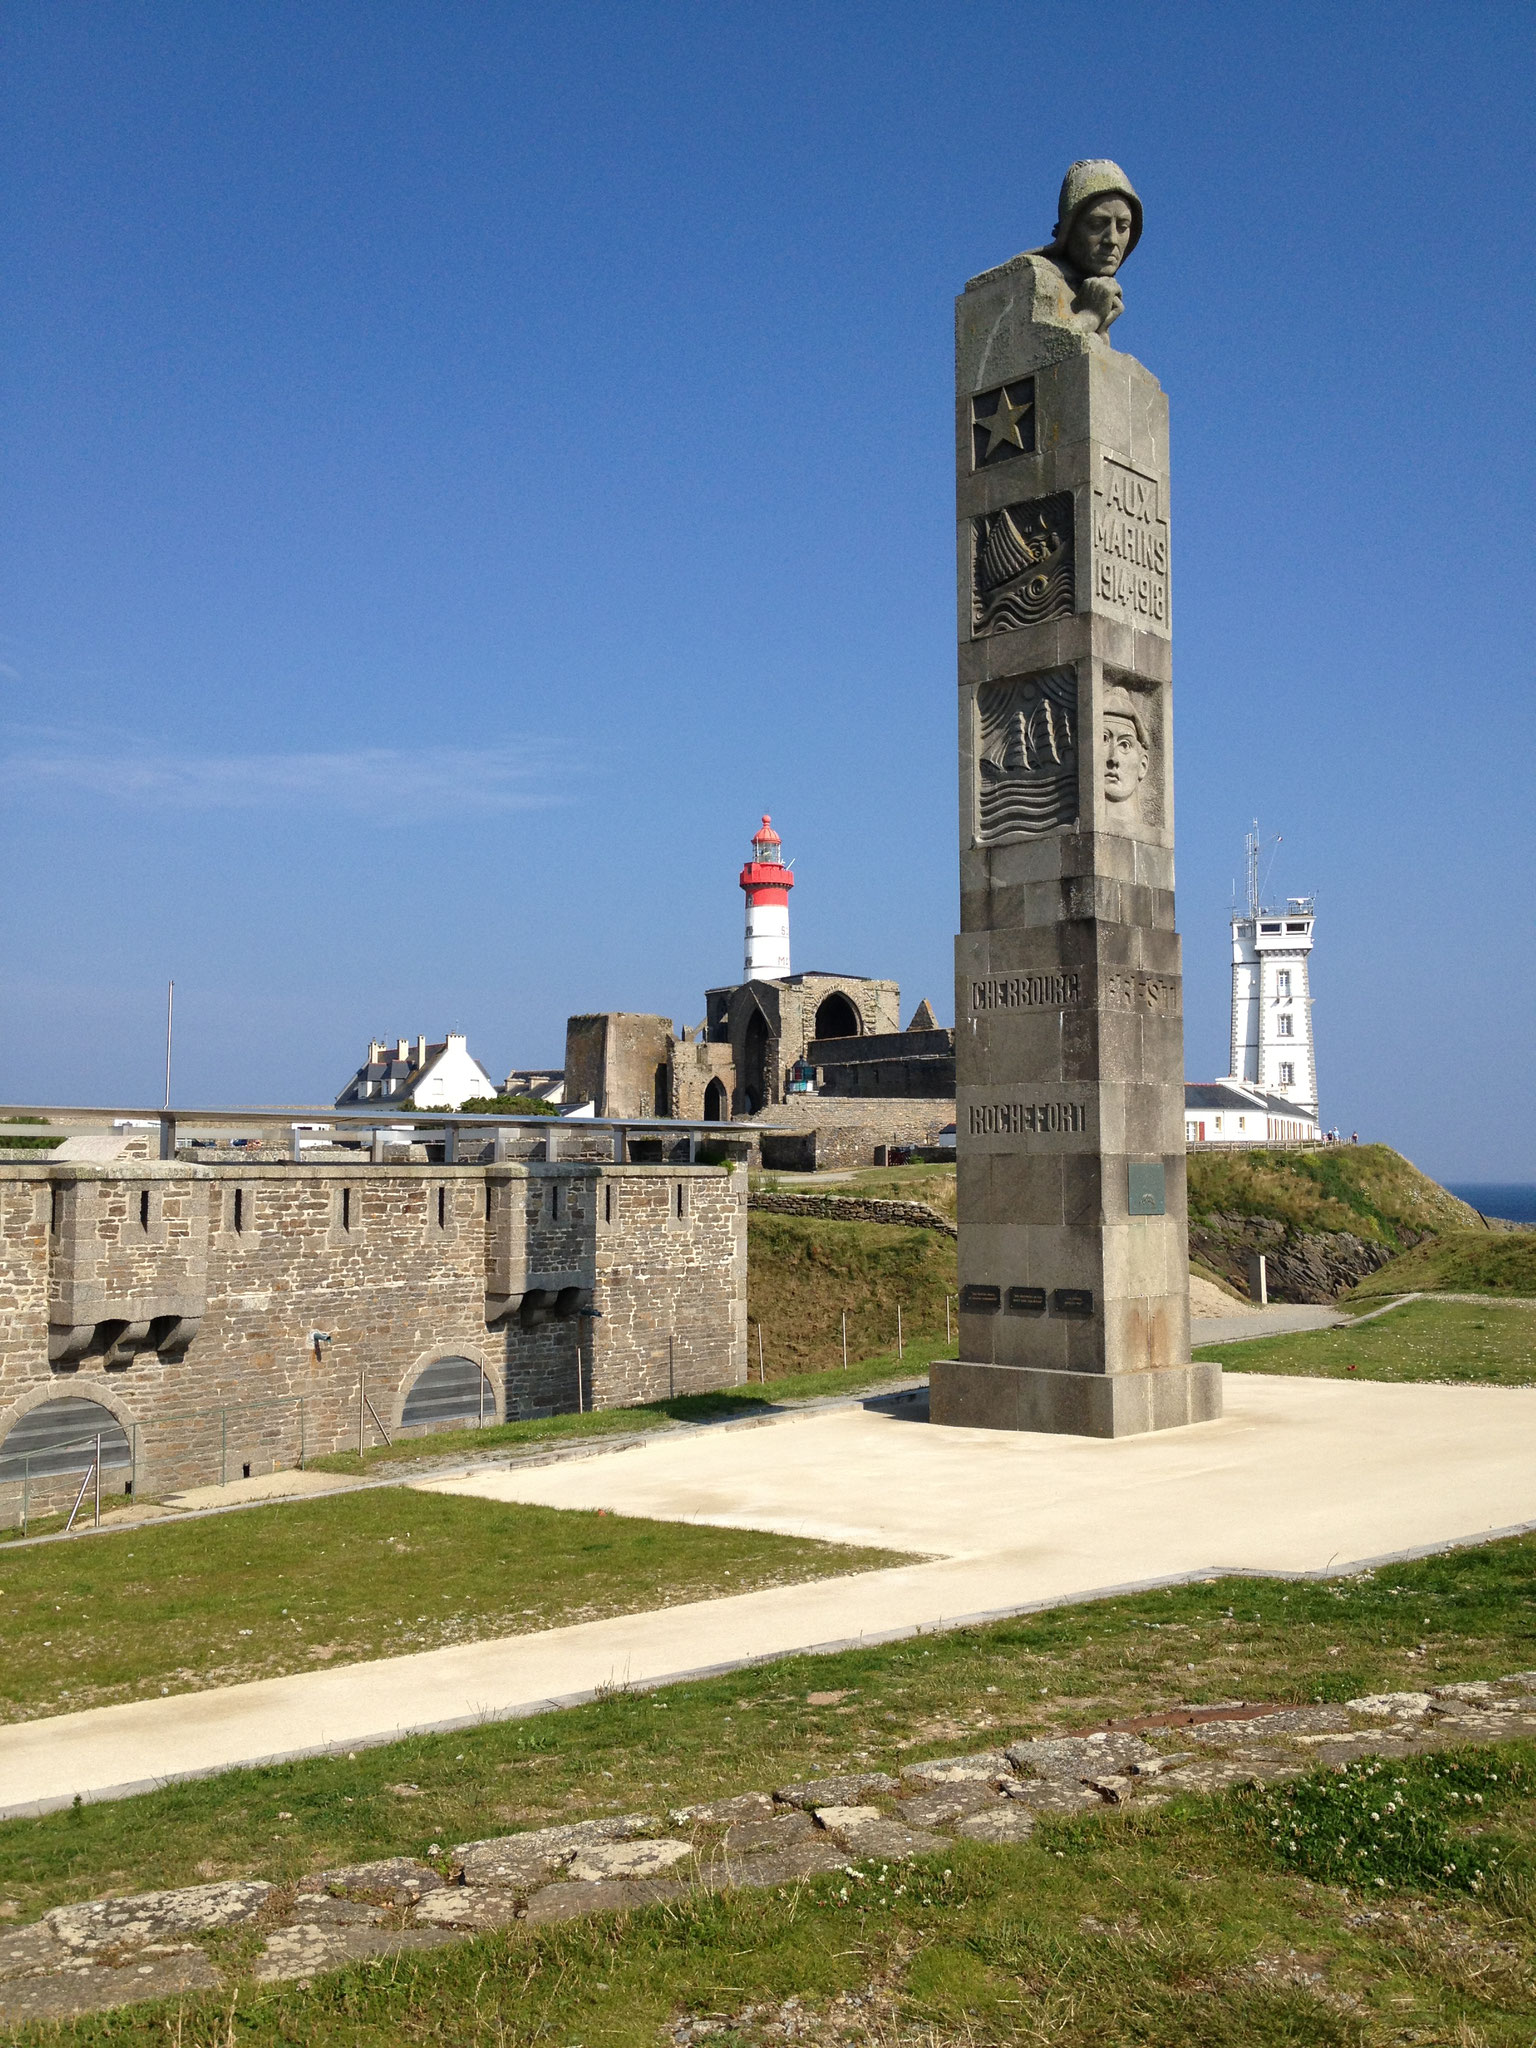 Saint Mathieu, le phare, l'abbaye, le cénotaphe en mémoire des marins disparus en mer